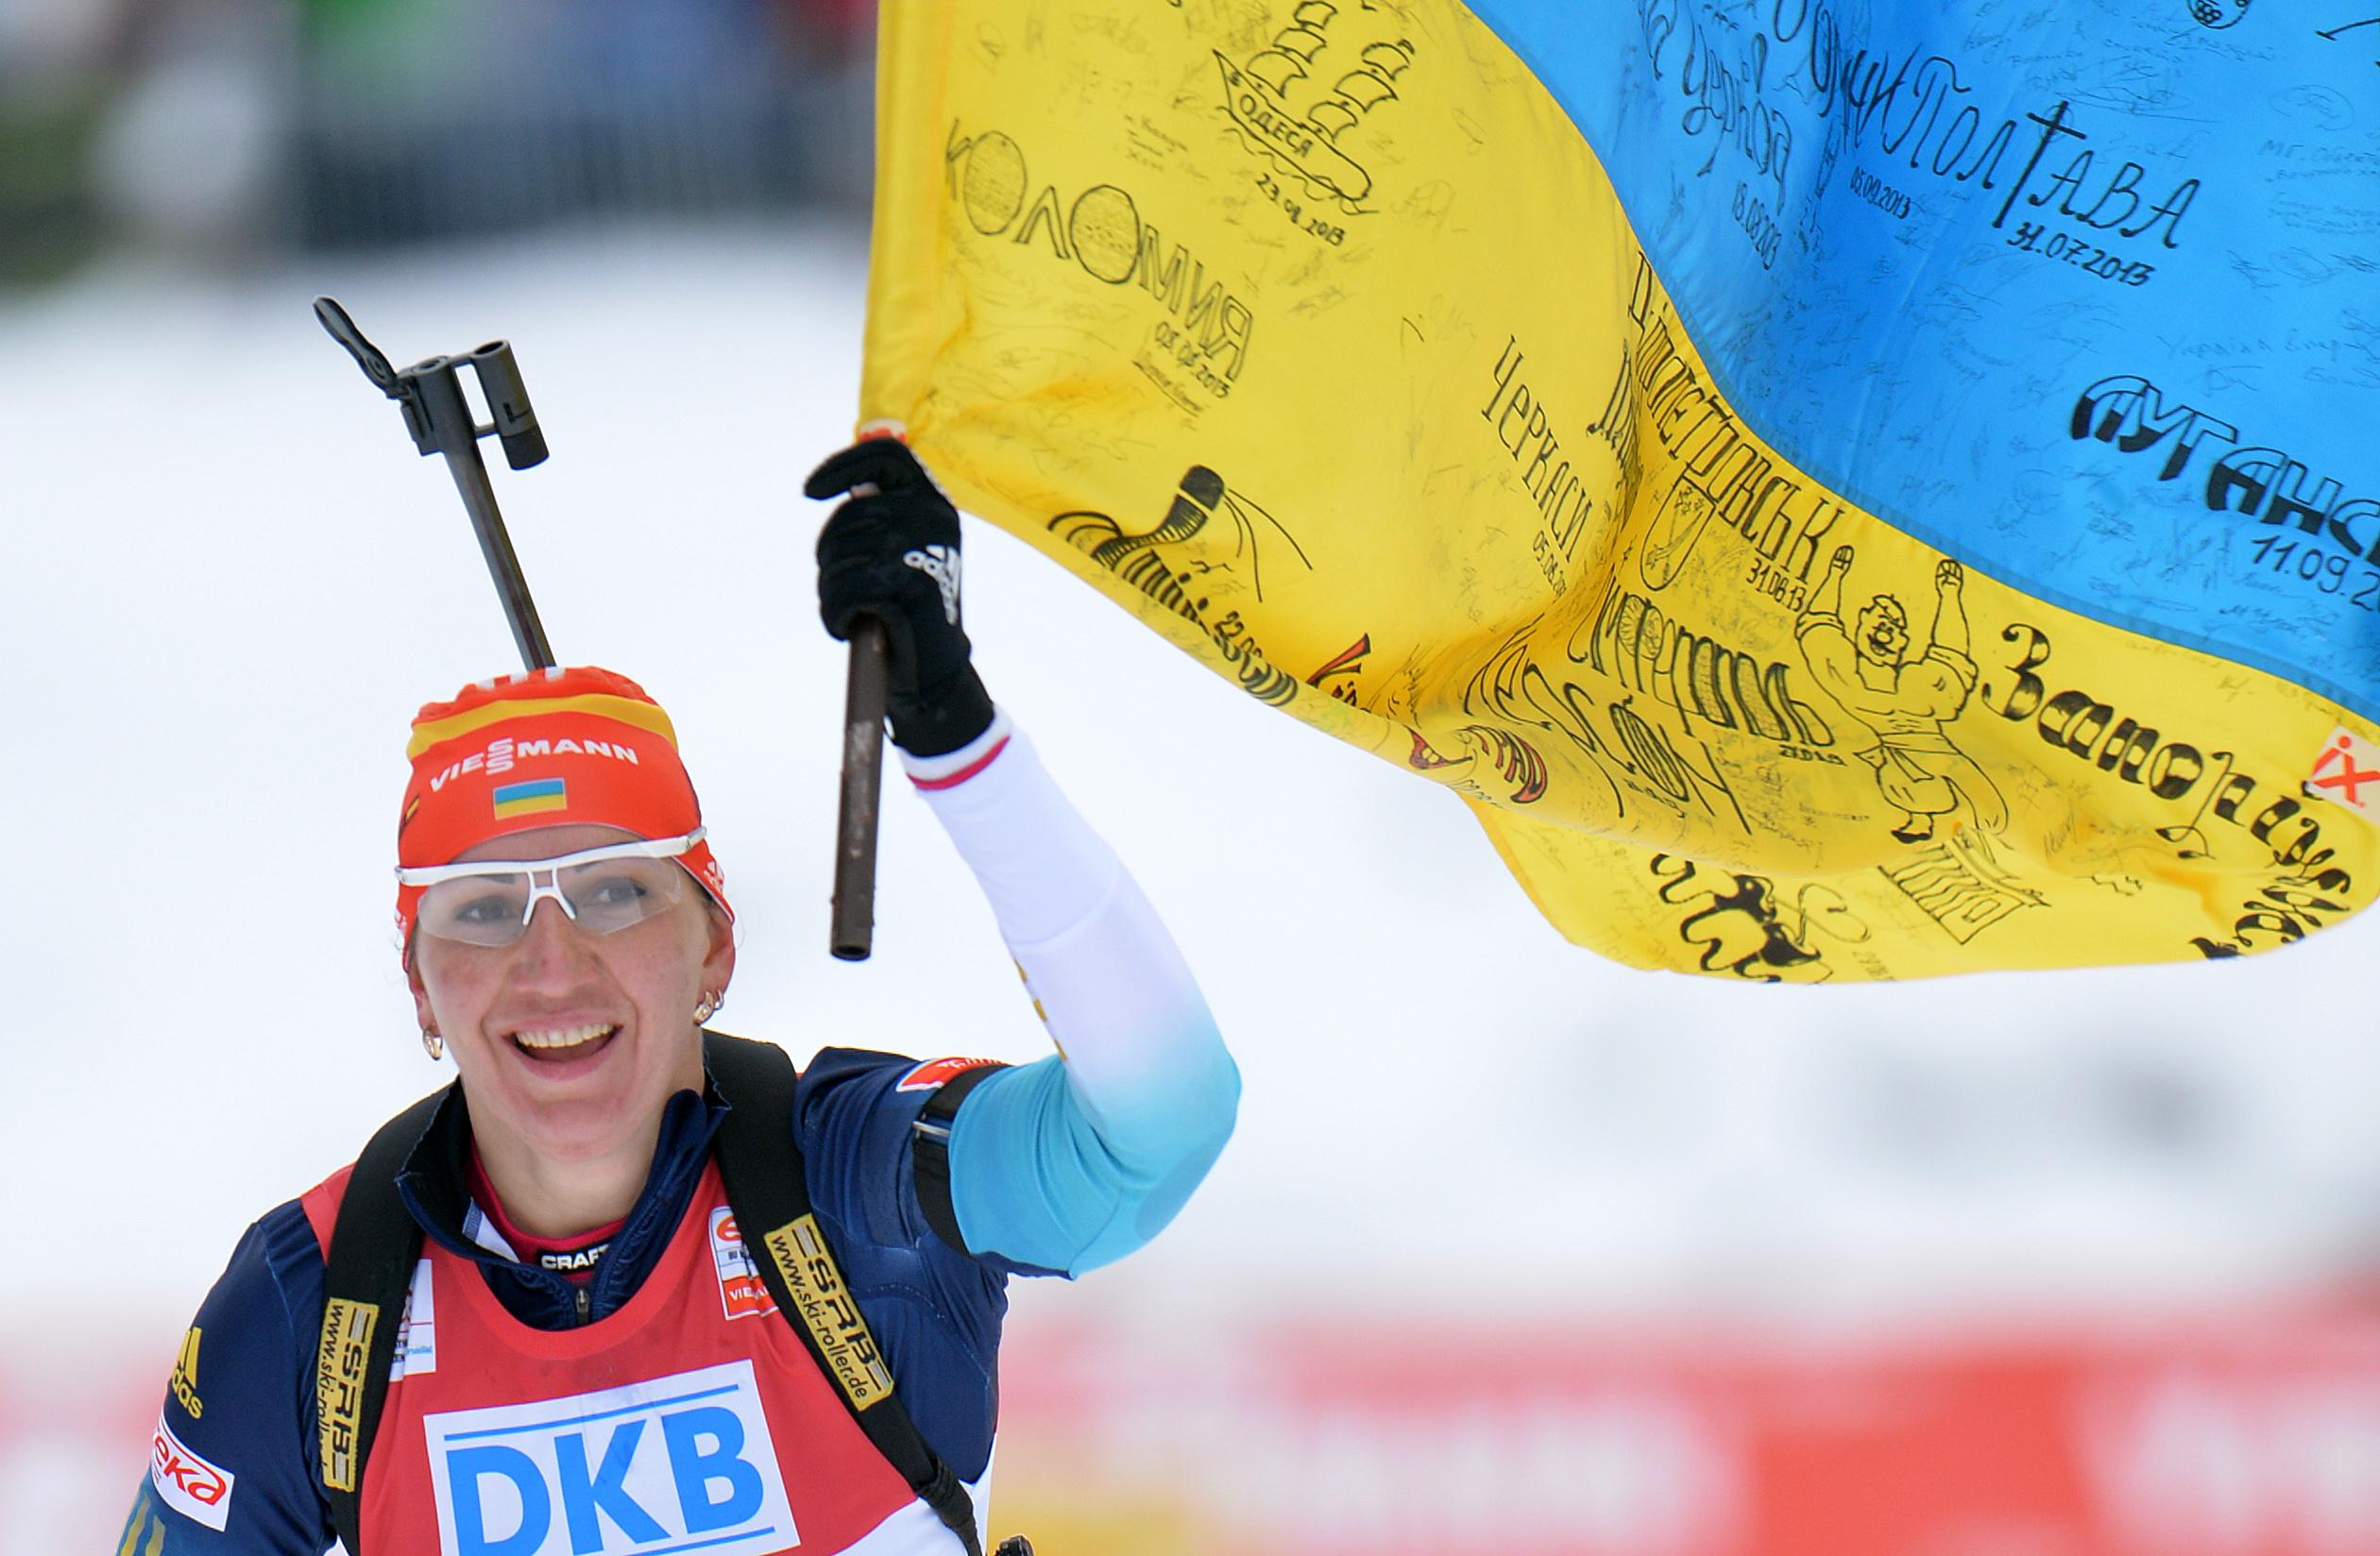 Такого не ожидал никто: три российские биатлонистки войдут в сборную Украины